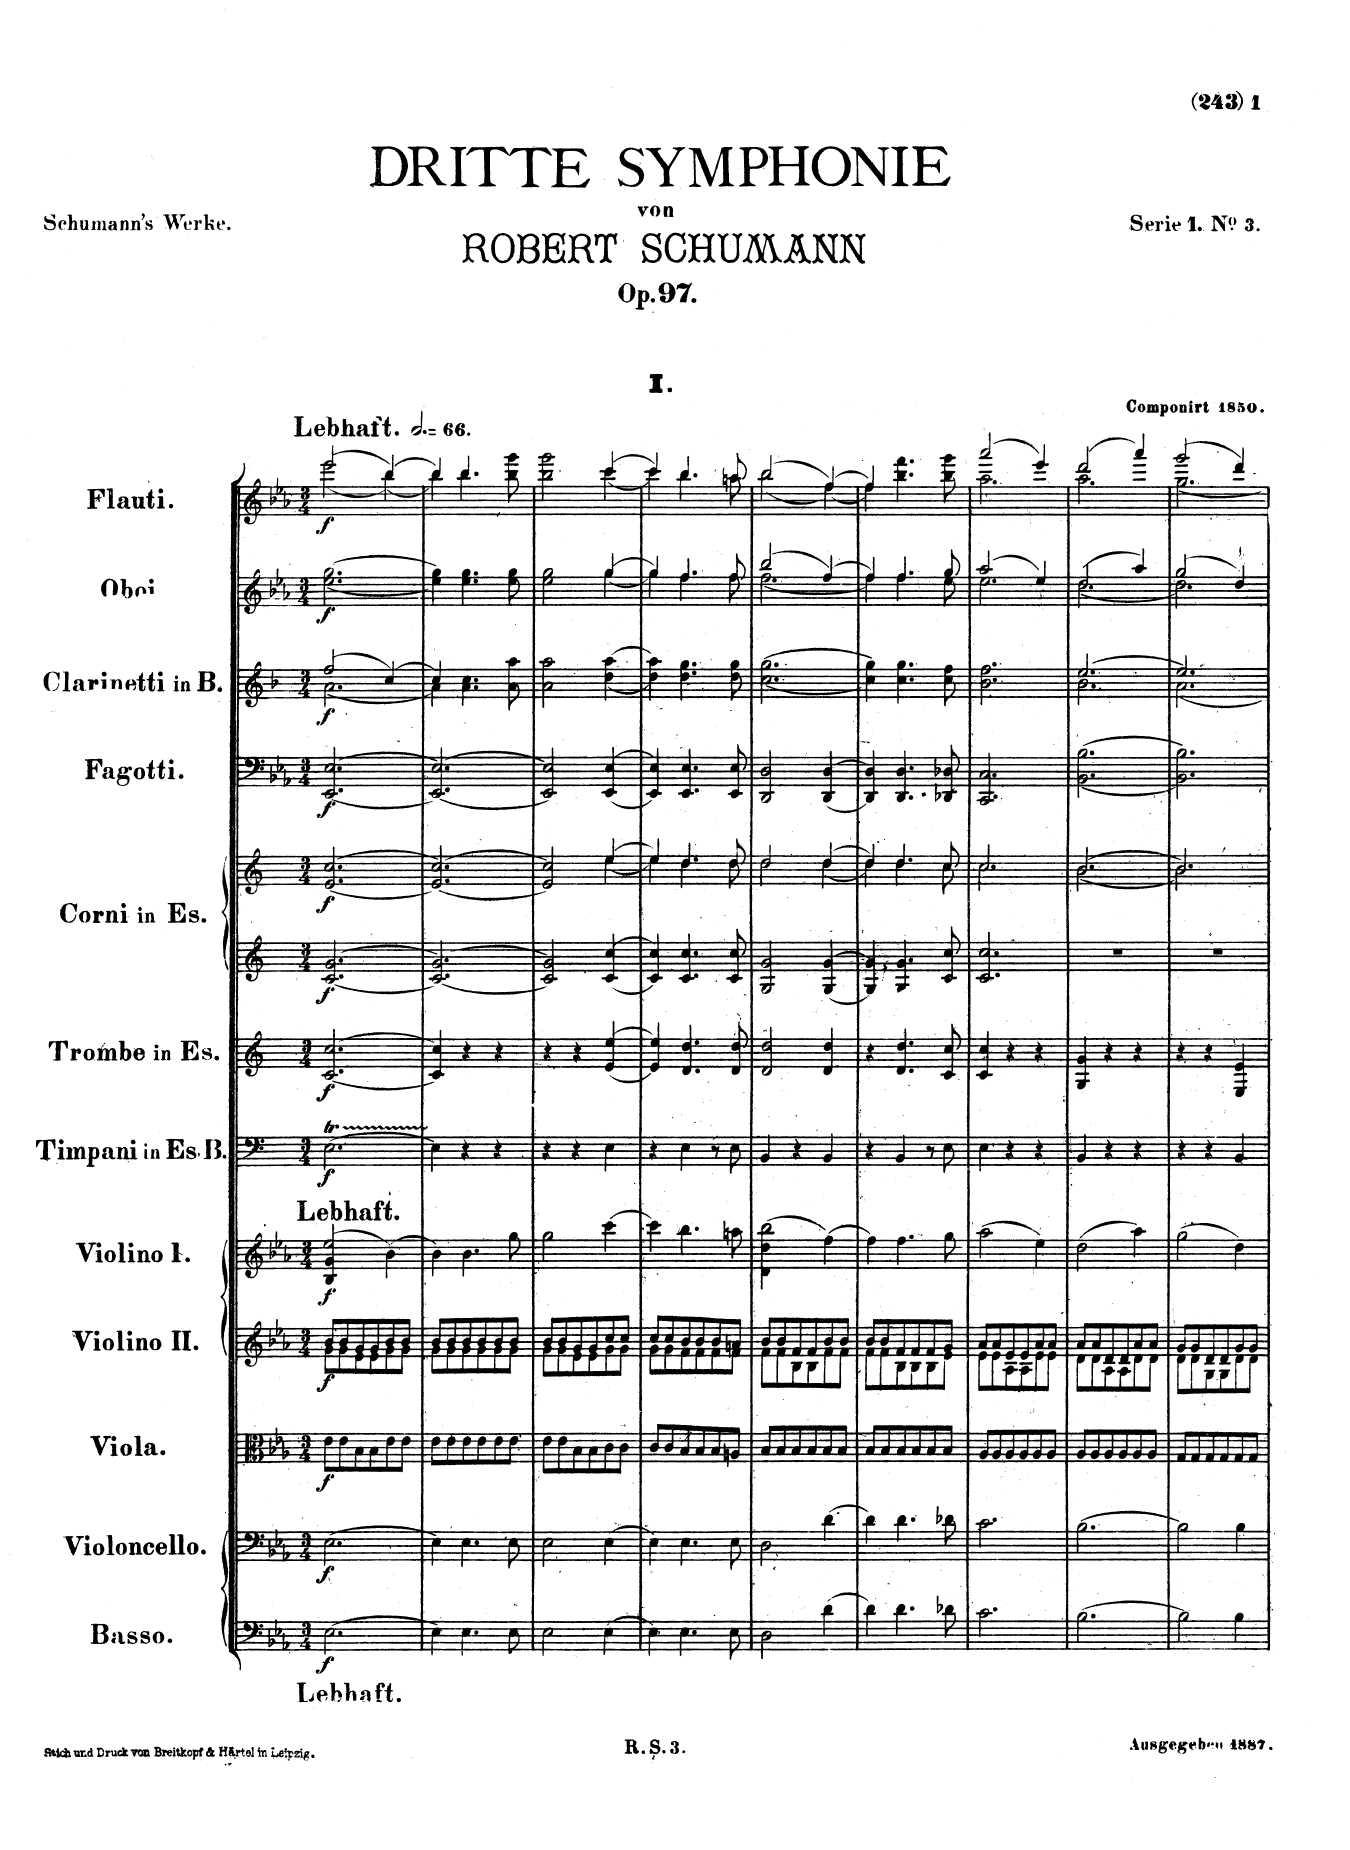 Schumann, op. 97